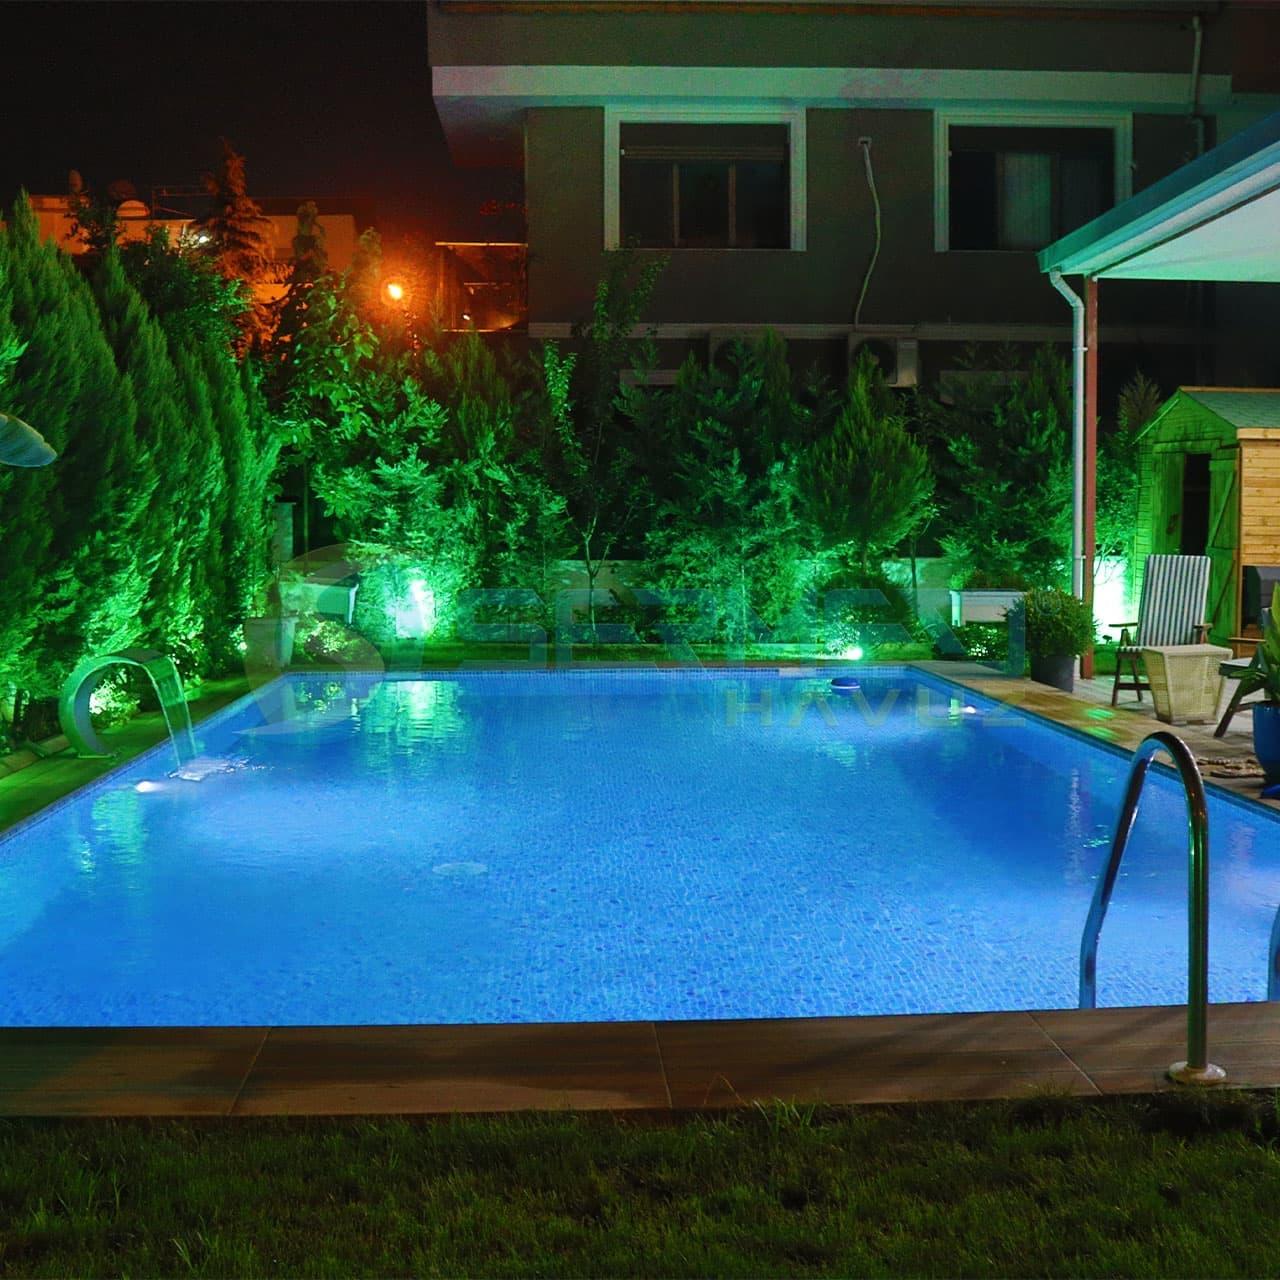 İzmir'de Sedat Bey'e Fipool Skimmerli Panel havuz Sermed Havuz Firması Tarafından Yapıldı.